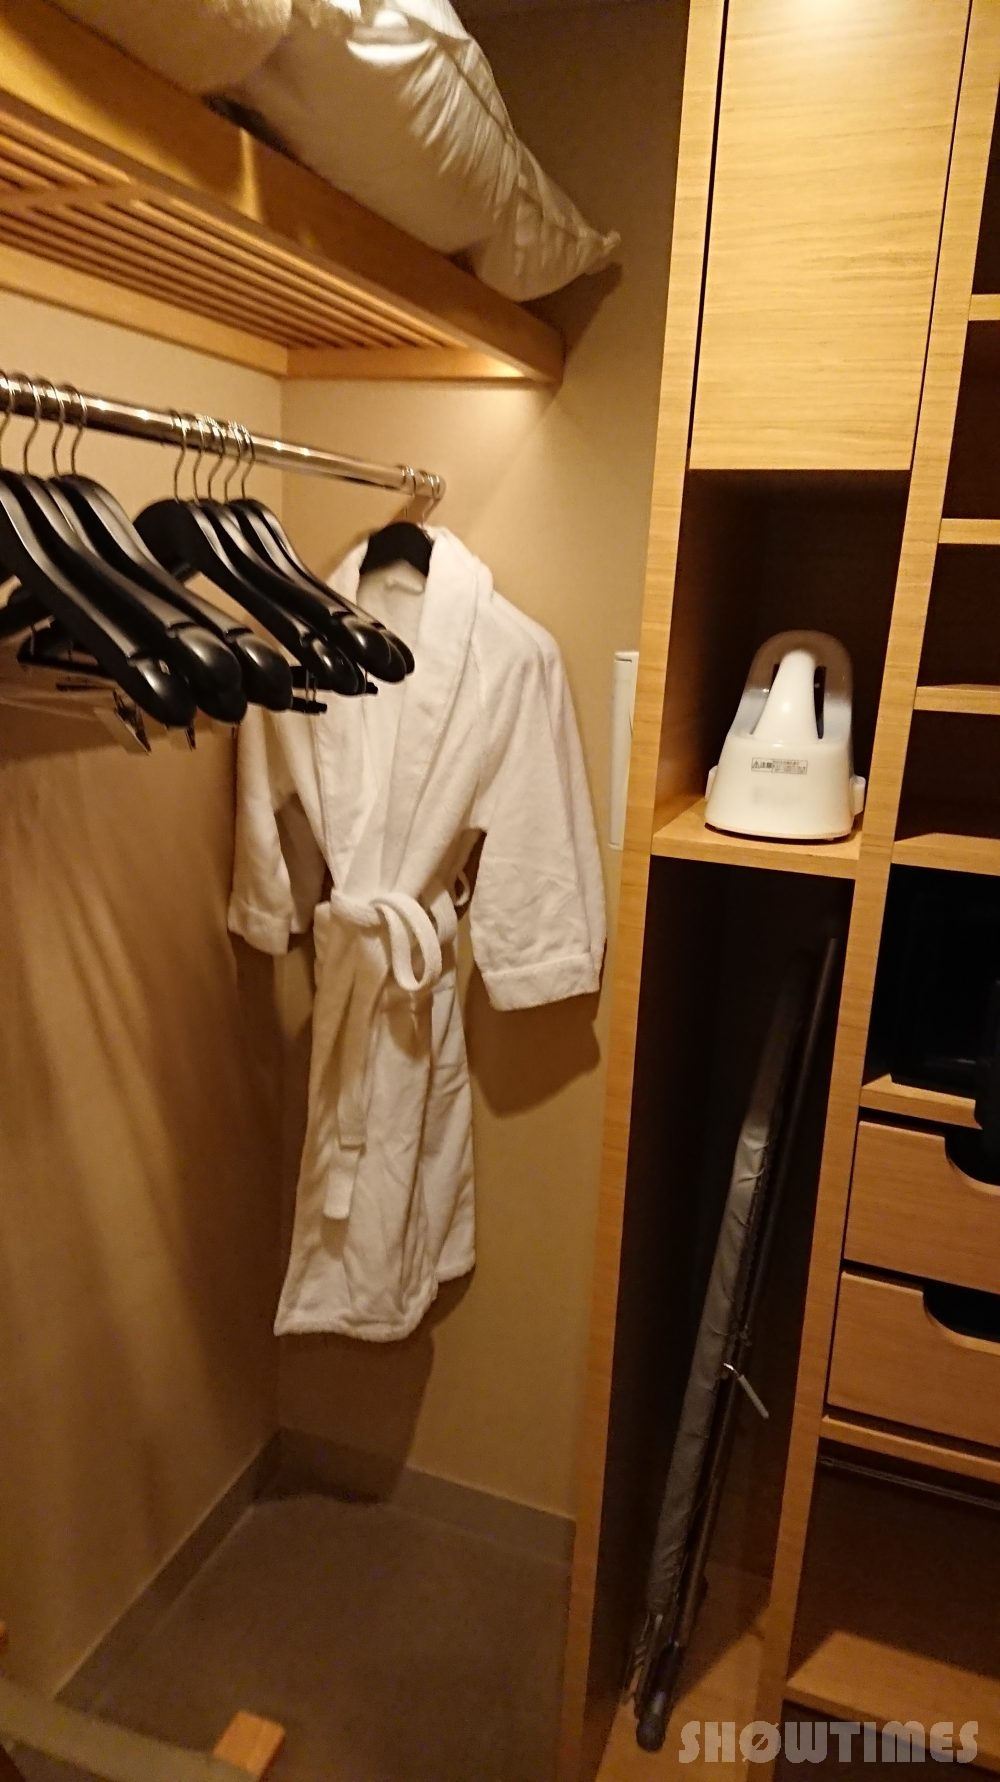 インターコンチネンタルホテル大阪デラックスダブルのウォークインクローゼット2